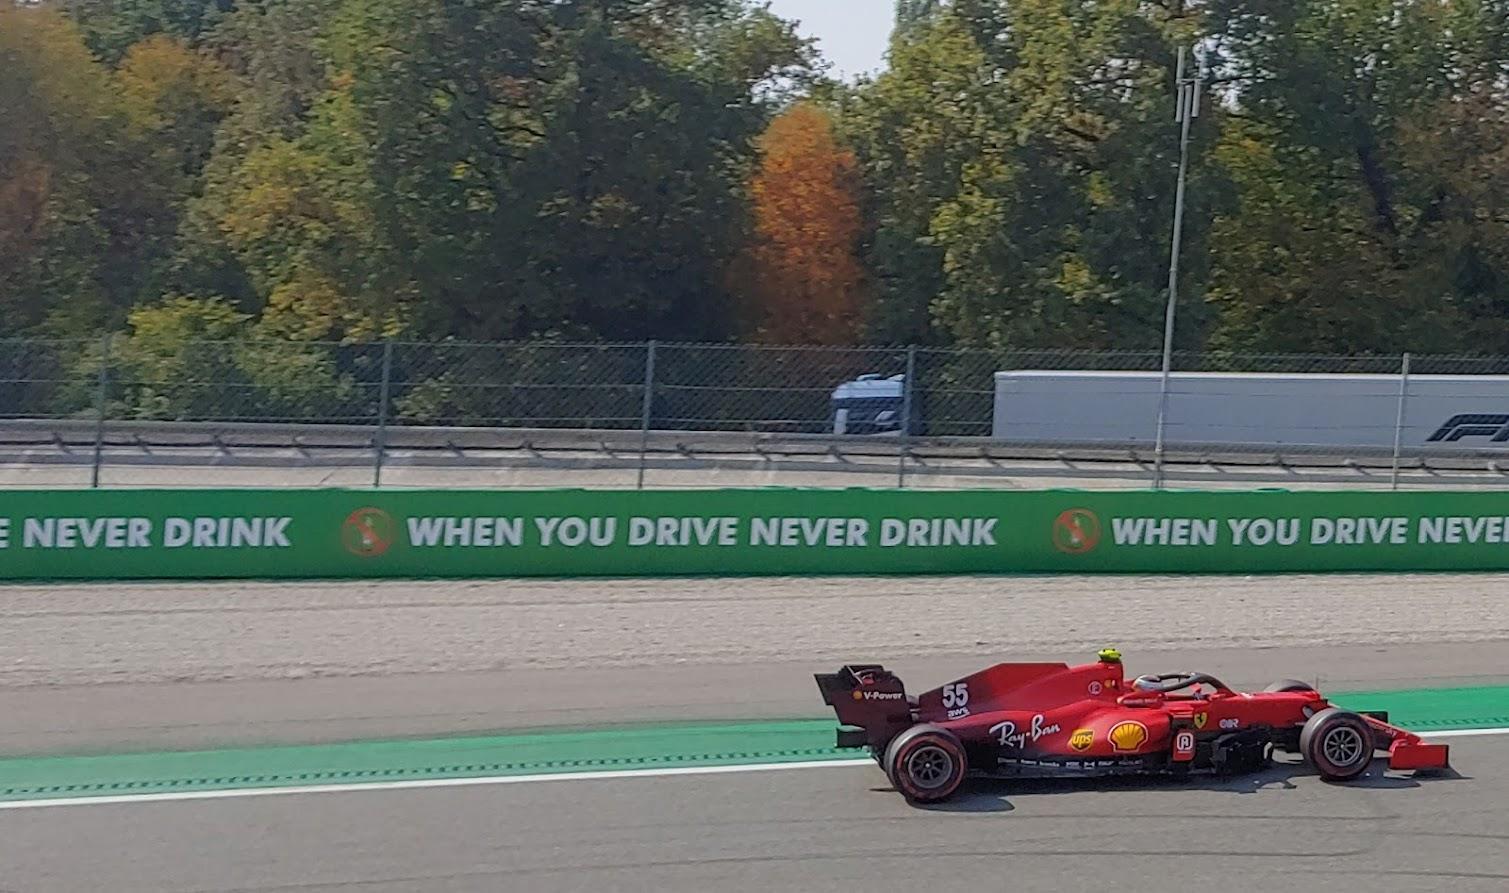 GP di Turchia: Nuovo motore per la Ferrari di Sainz, partirà dal fondo.